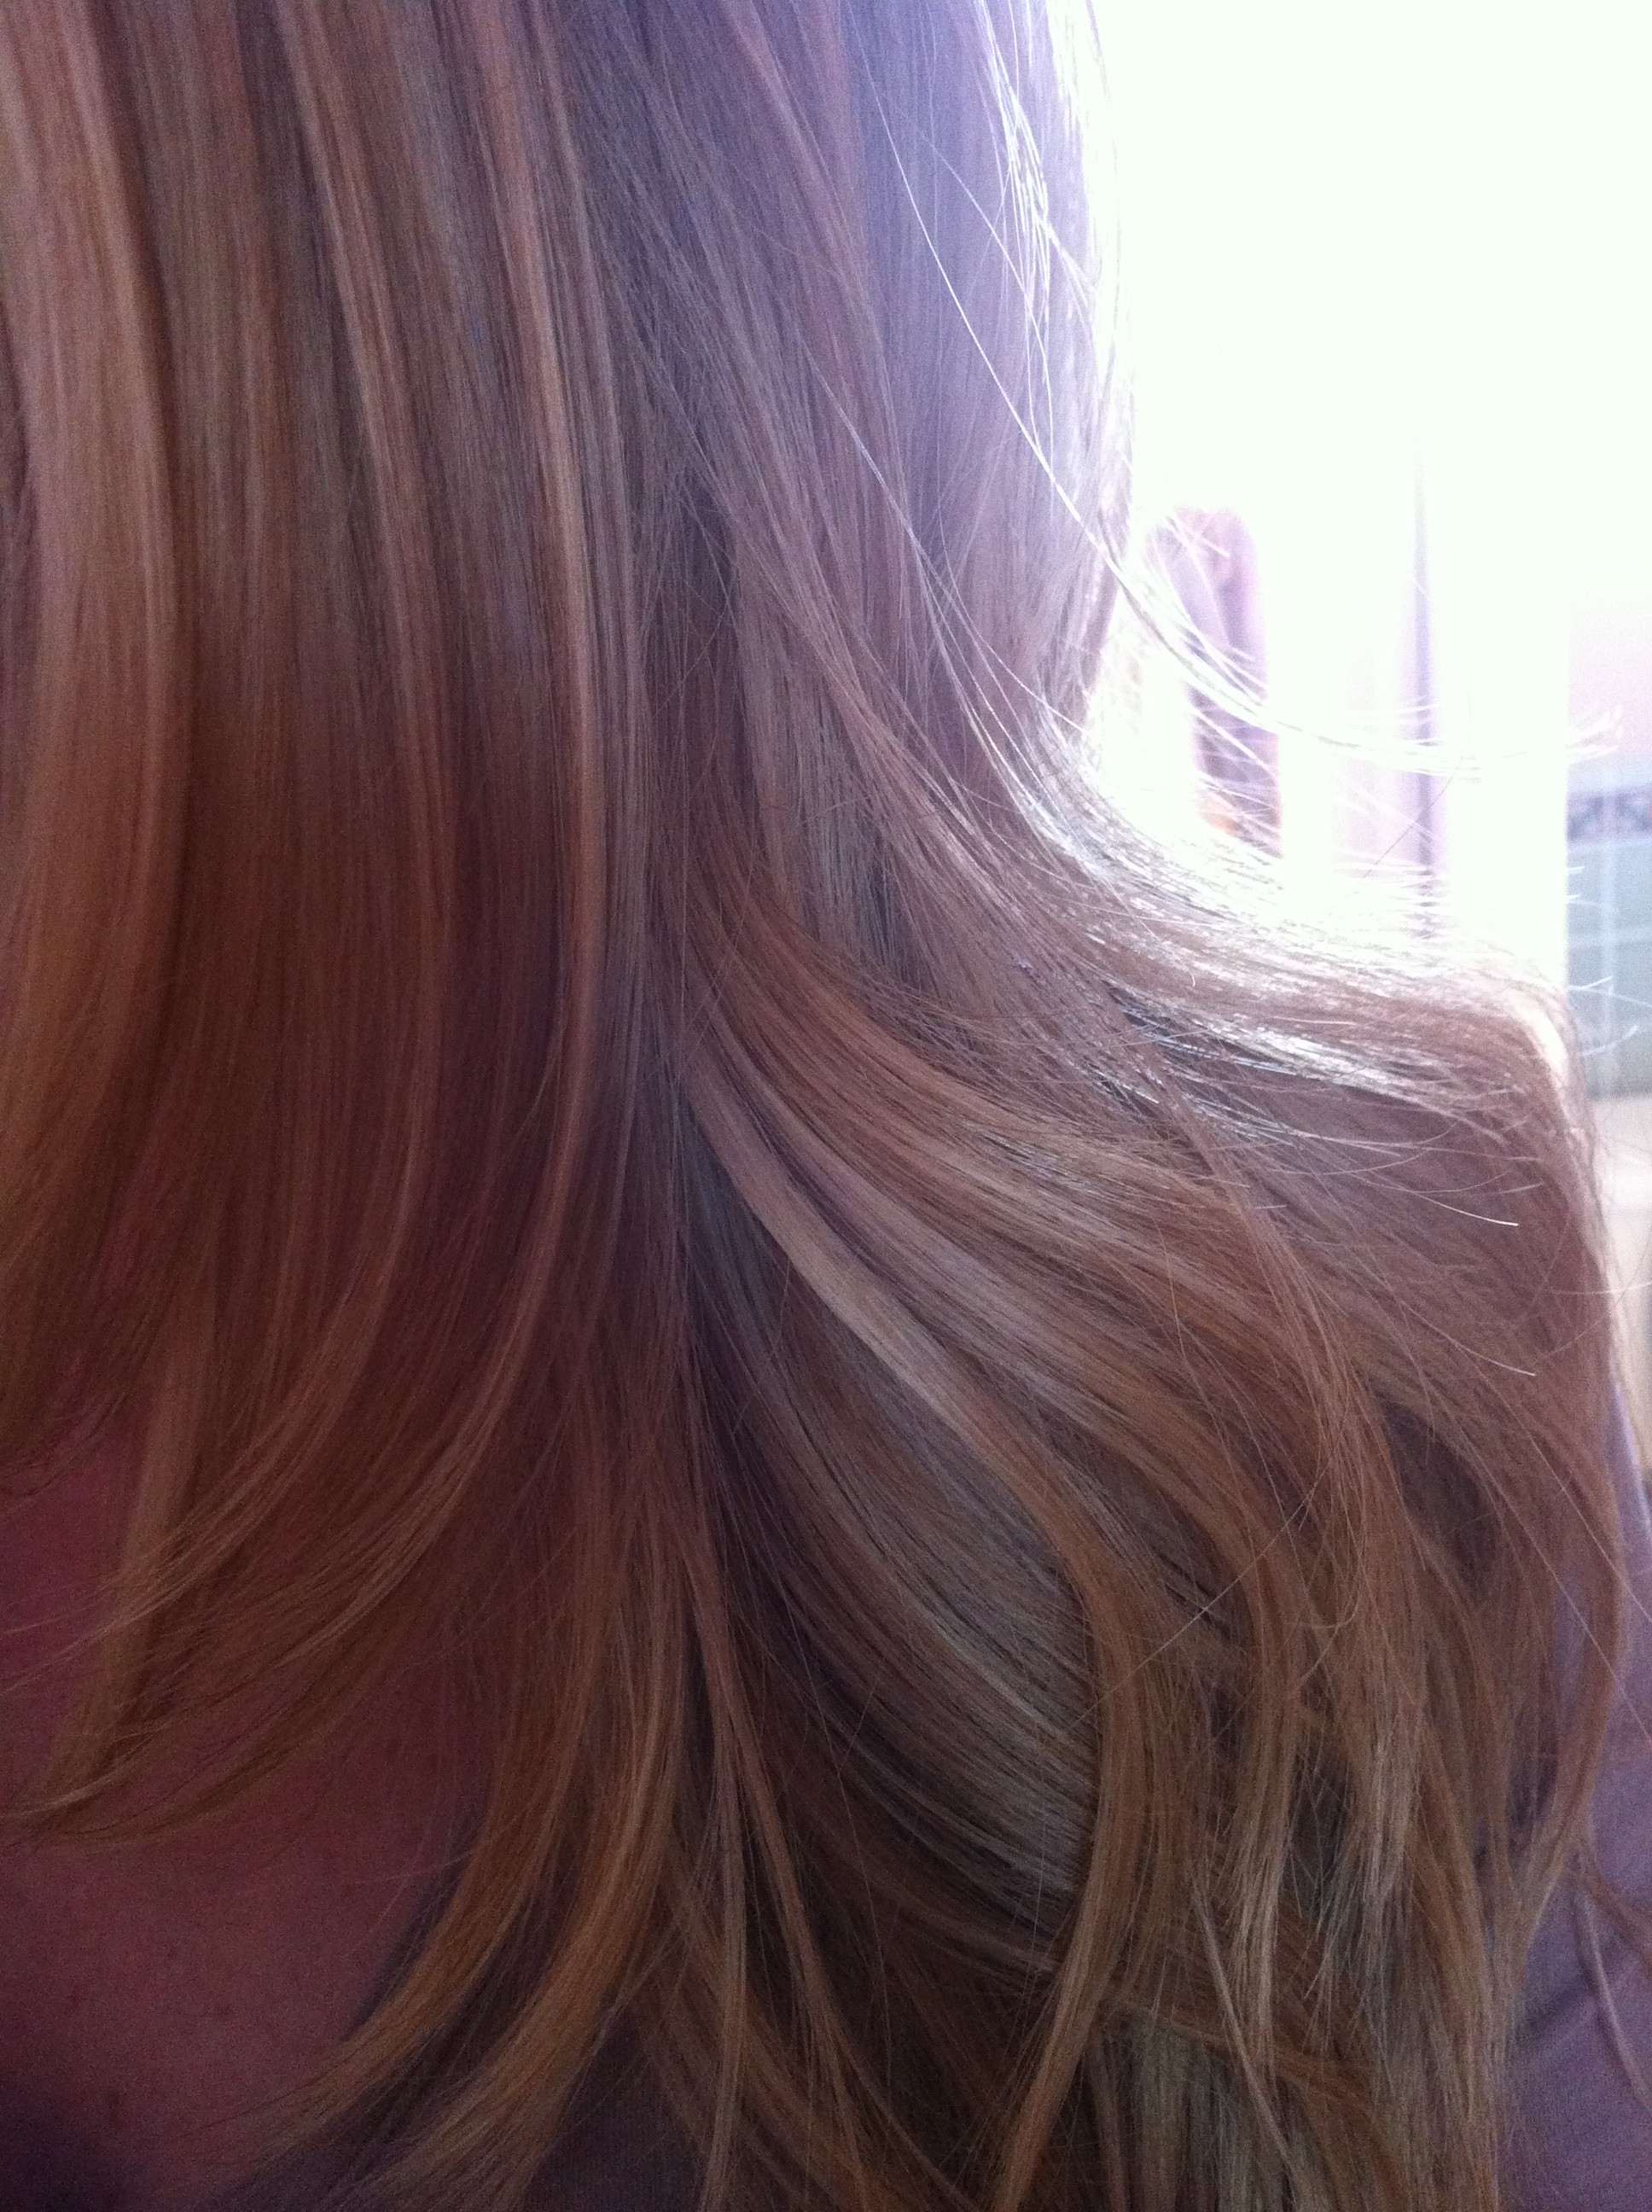 Apple Cider Hair Treatment